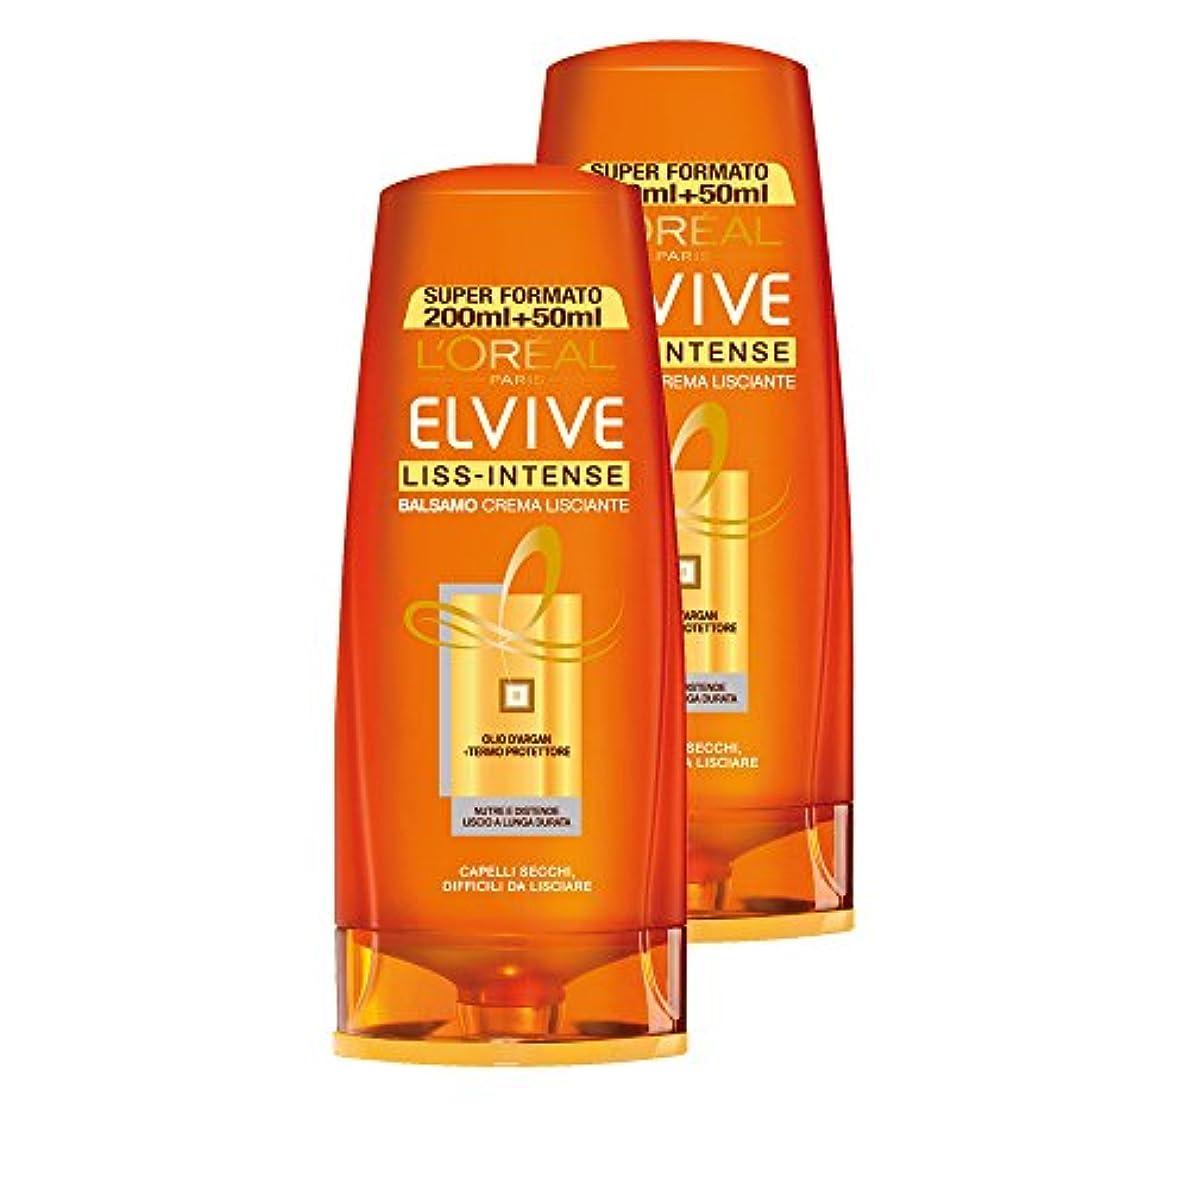 助けて部屋を掃除する税金L 'OréalParis Elvive LISS-INTENSEバームクリームヘアサロン乾燥、なめらかにするのが難しい、3パック2 x 250 ml、合計:1500 ml